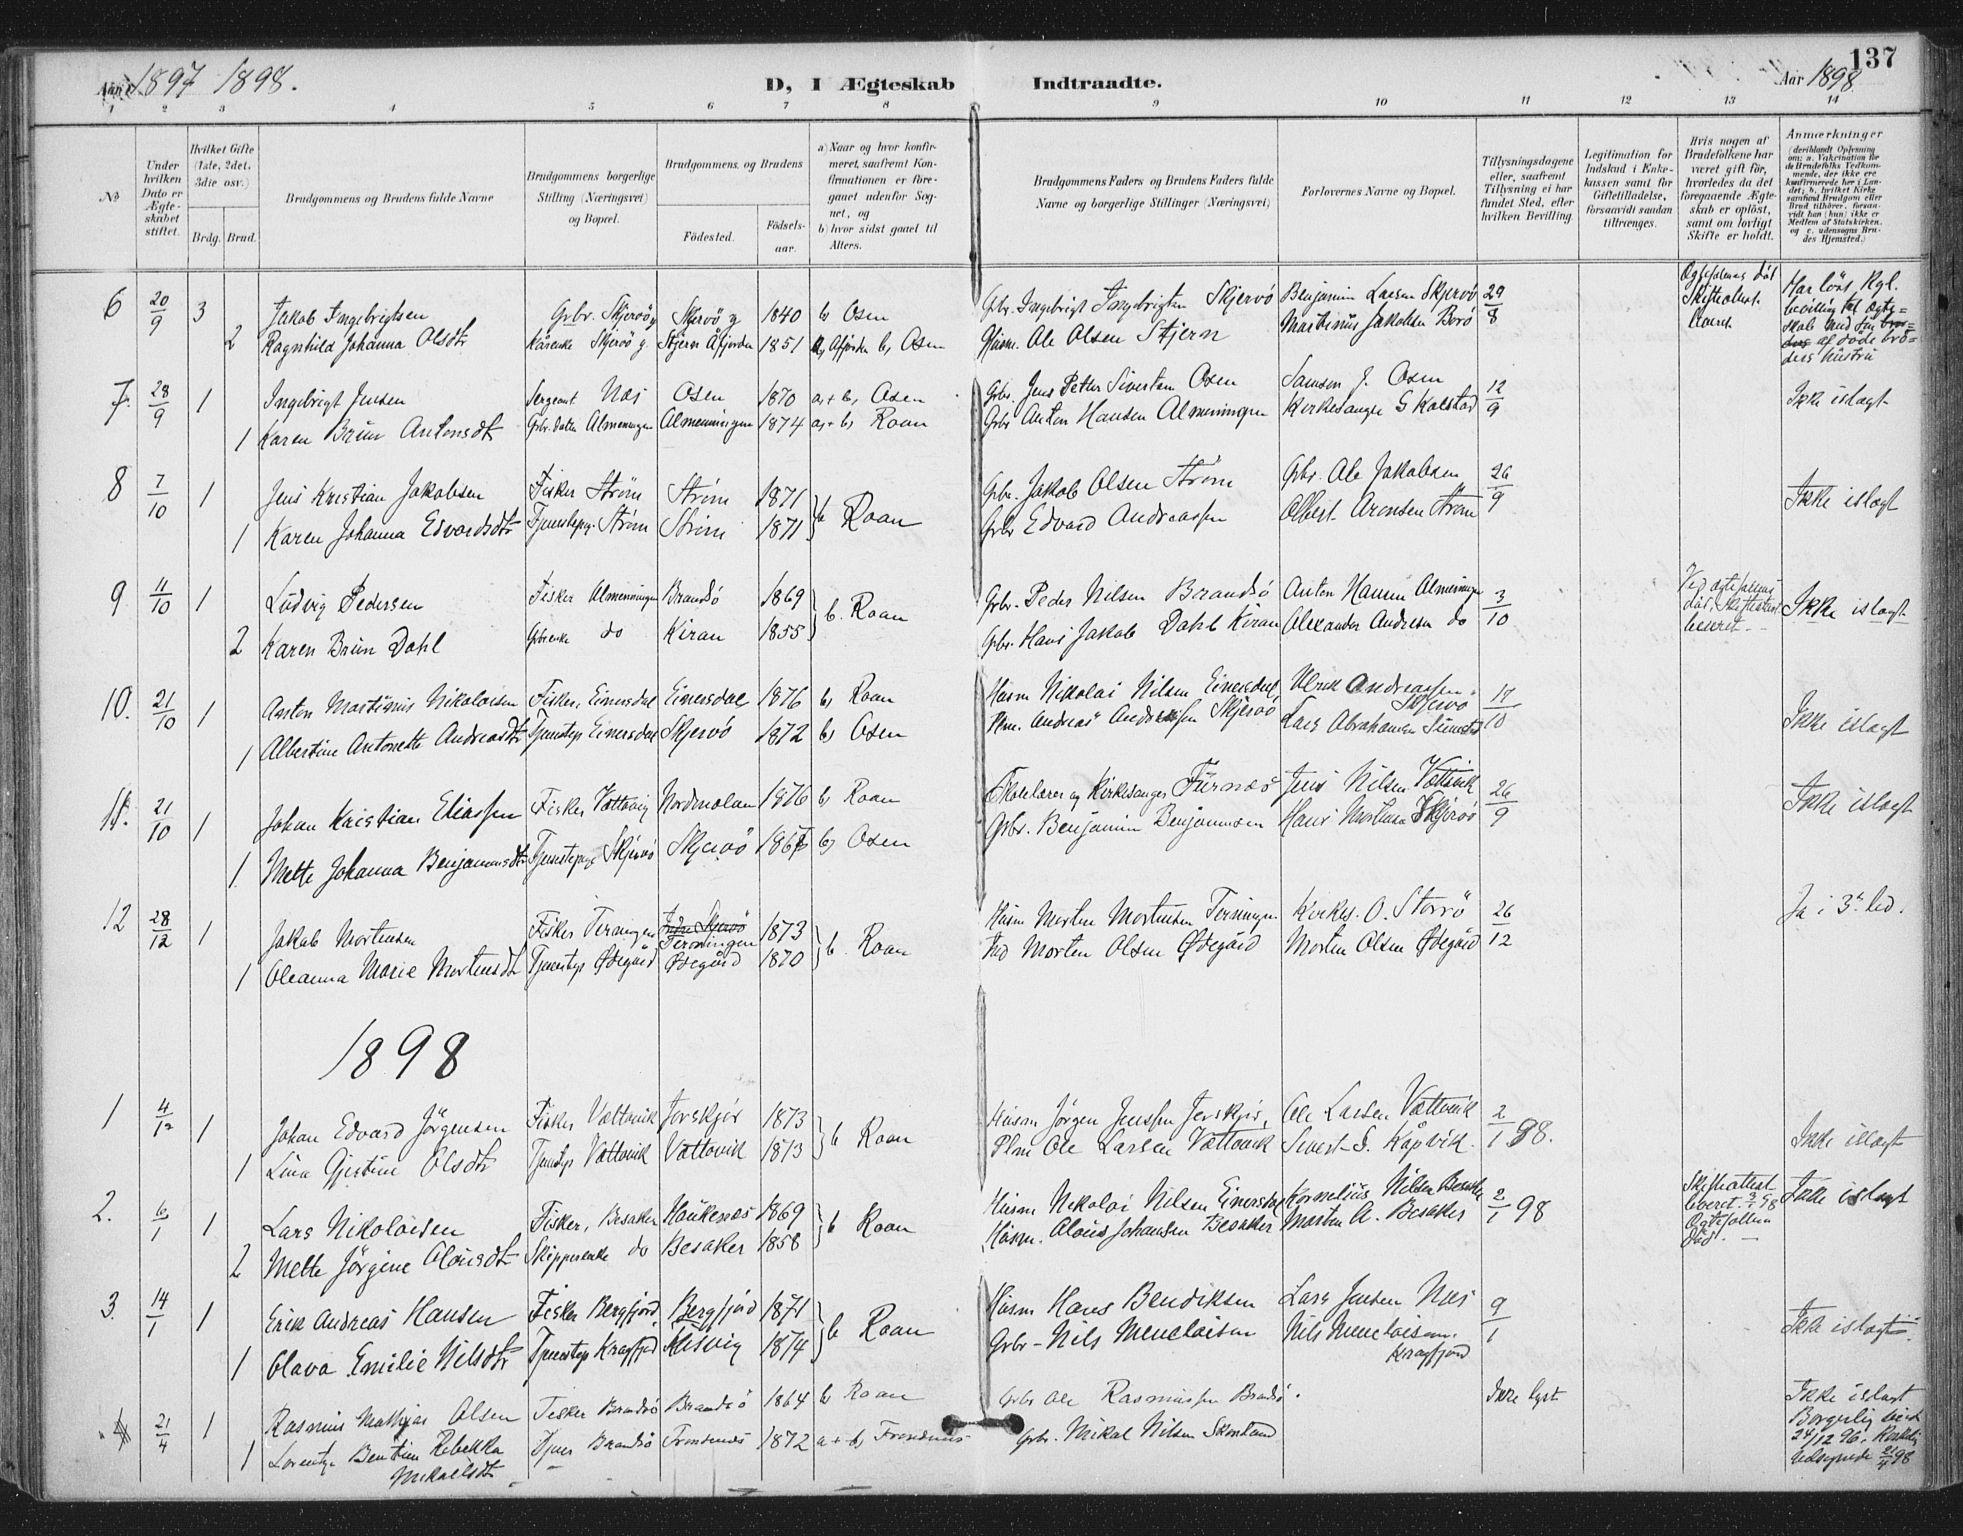 SAT, Ministerialprotokoller, klokkerbøker og fødselsregistre - Sør-Trøndelag, 657/L0708: Ministerialbok nr. 657A09, 1894-1904, s. 137